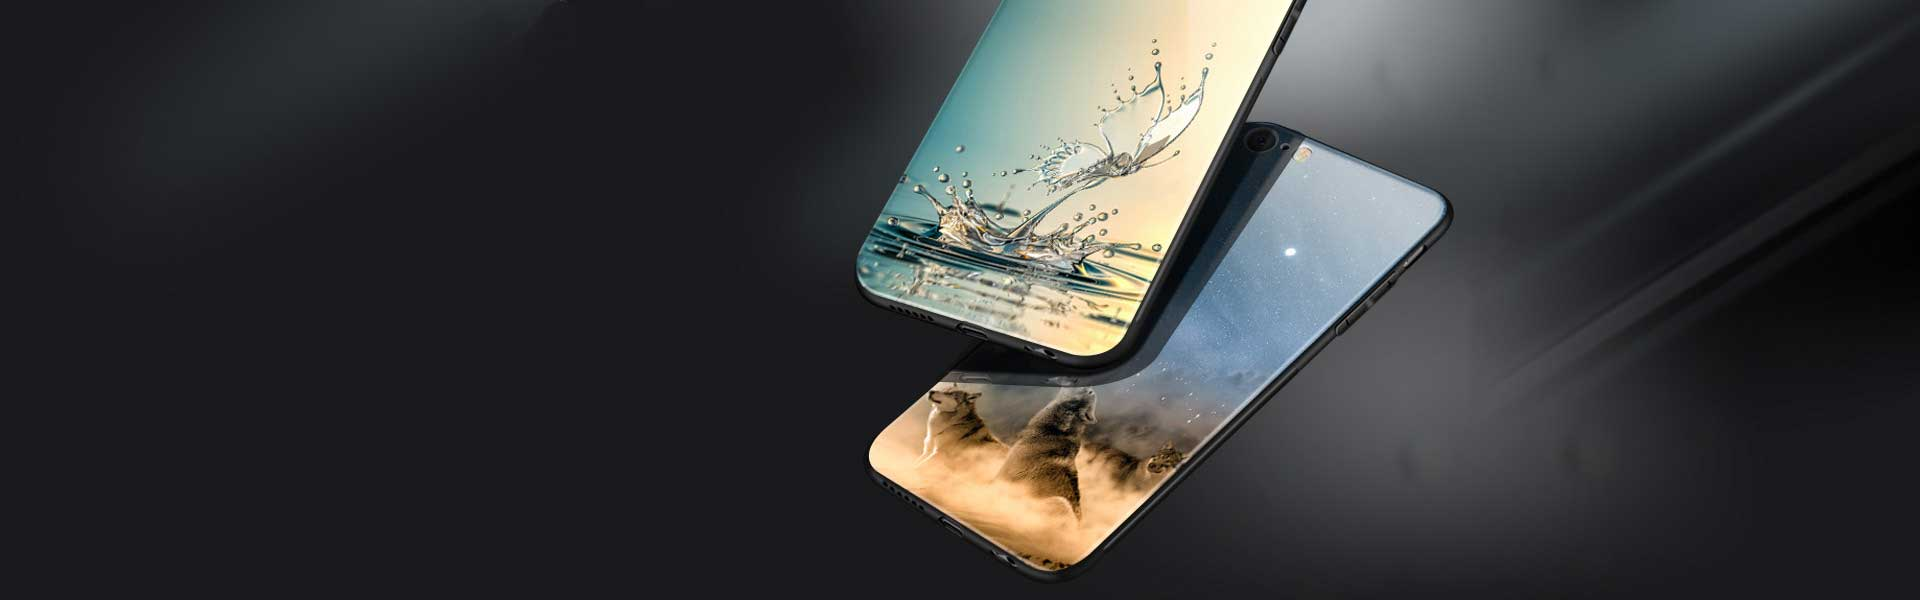 Günstige iPhone 8 Hülle